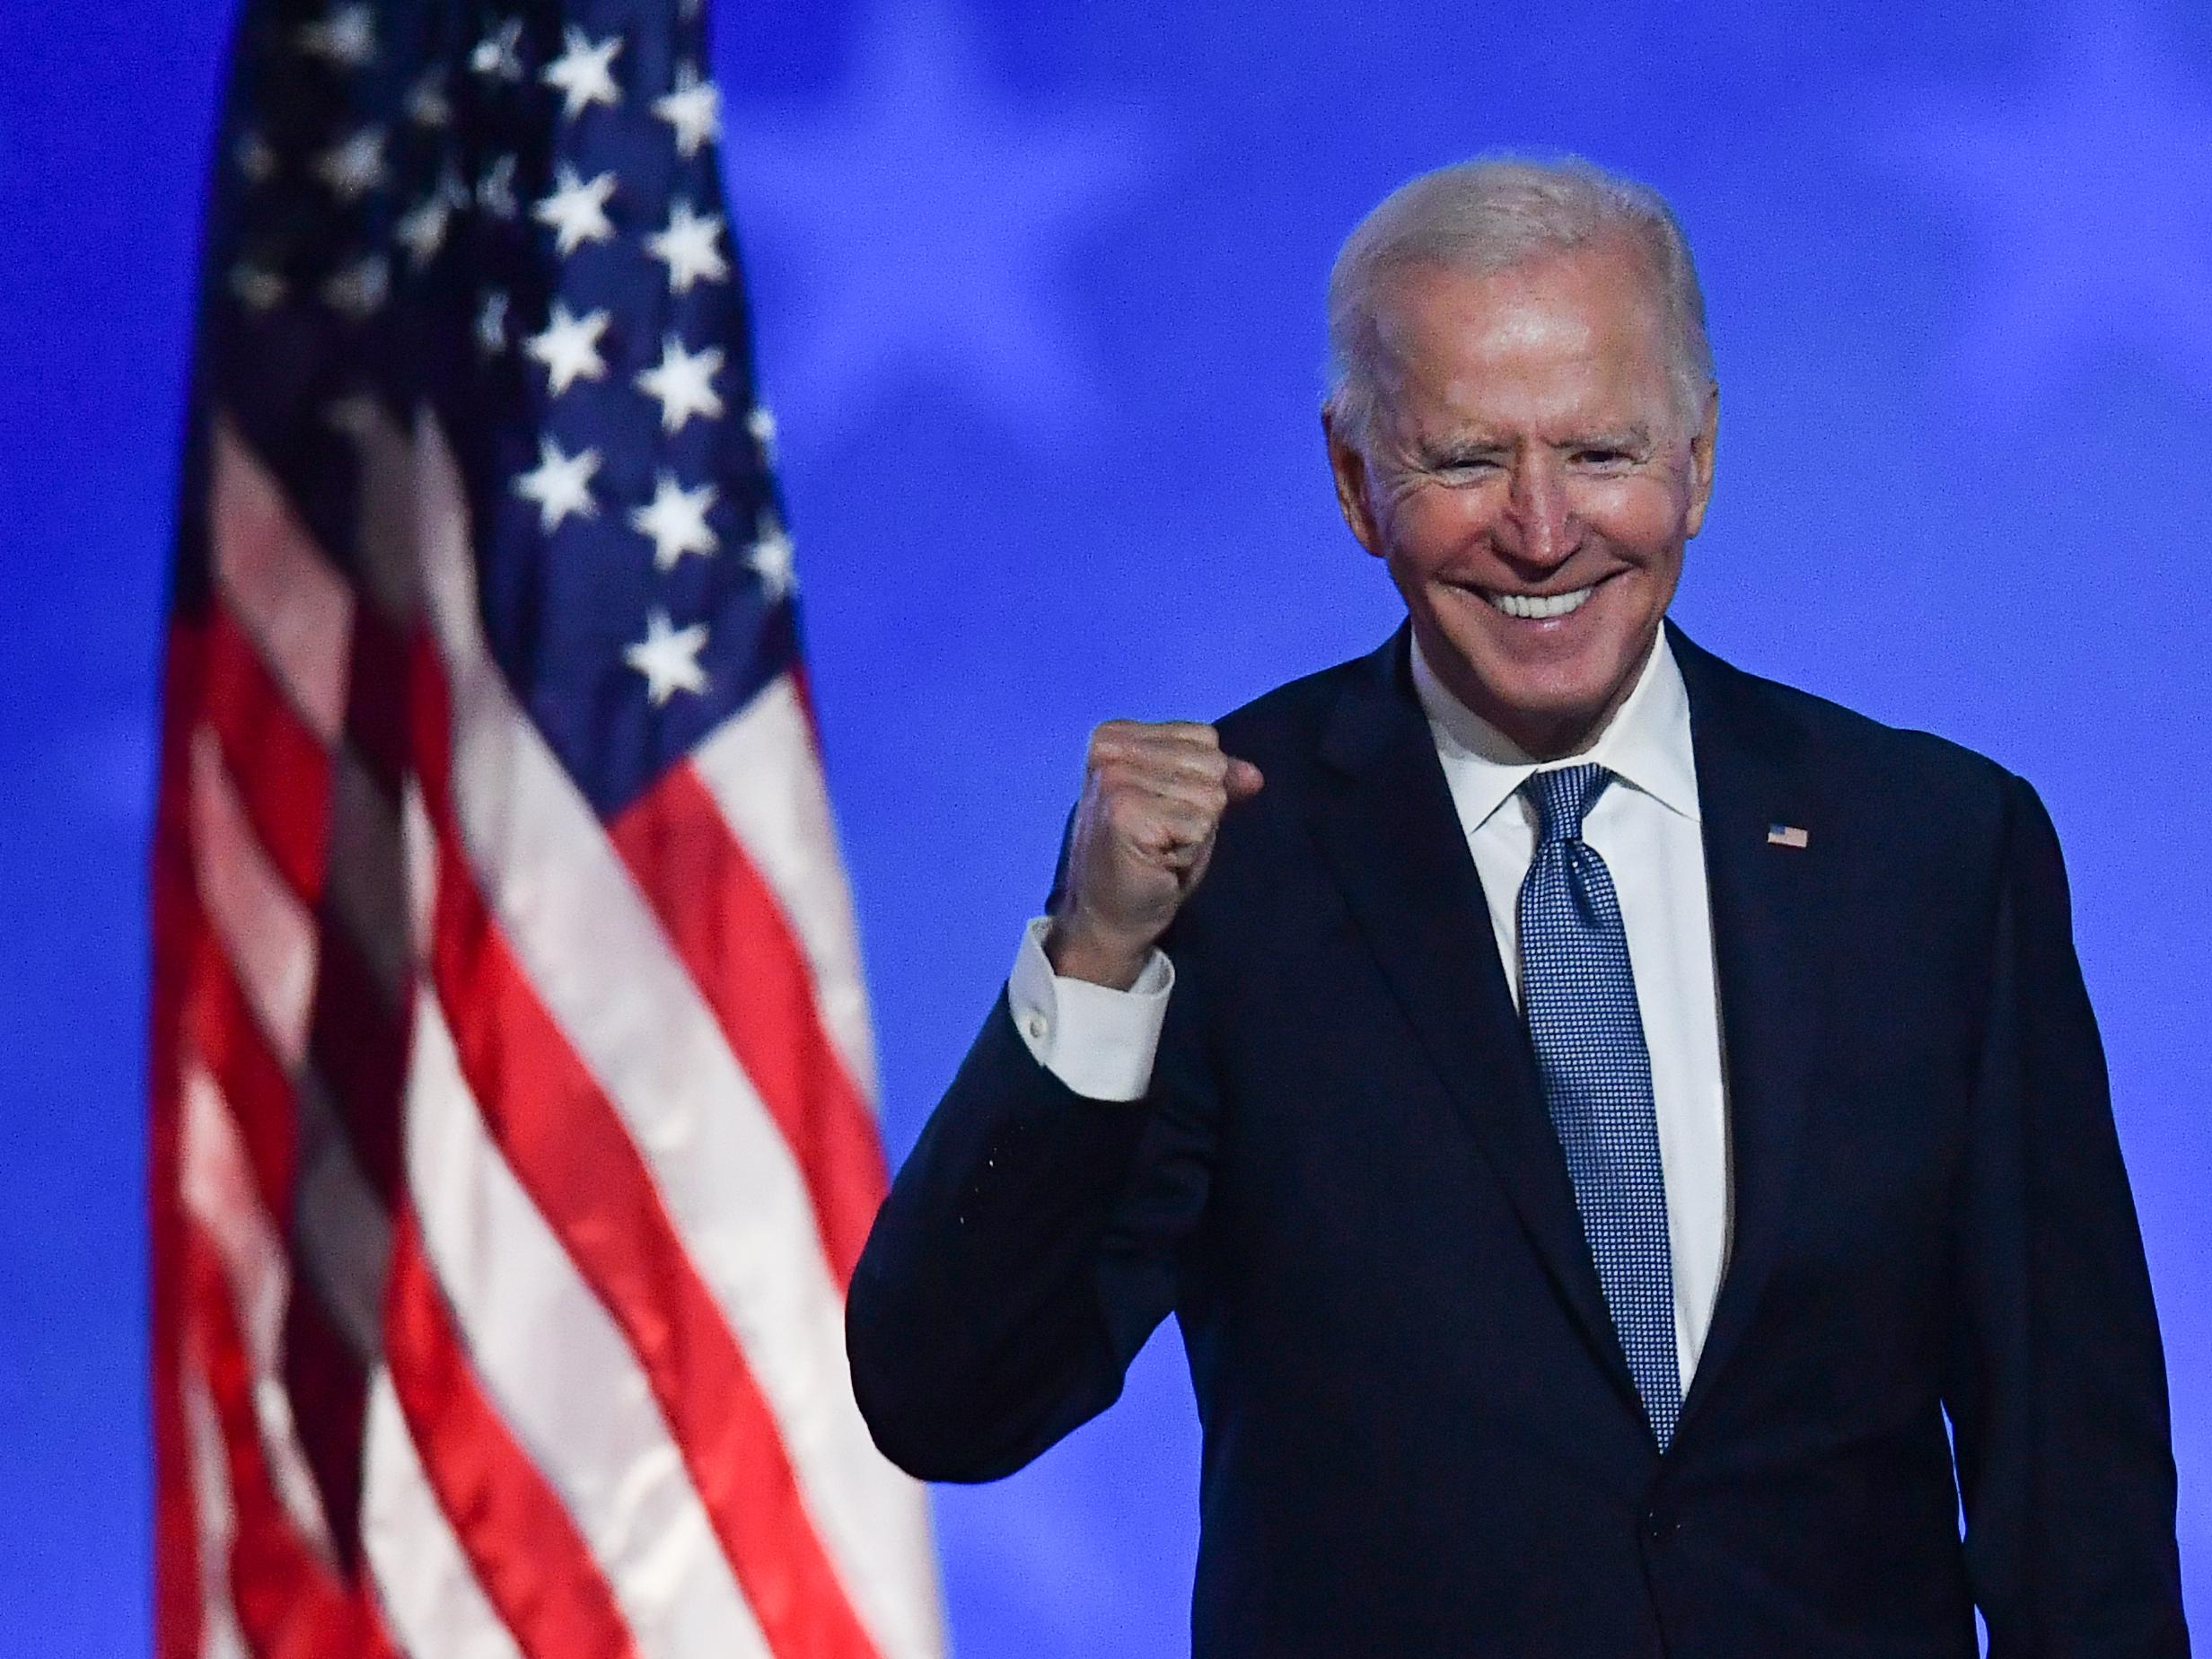 Esta é uma imagem de Biden